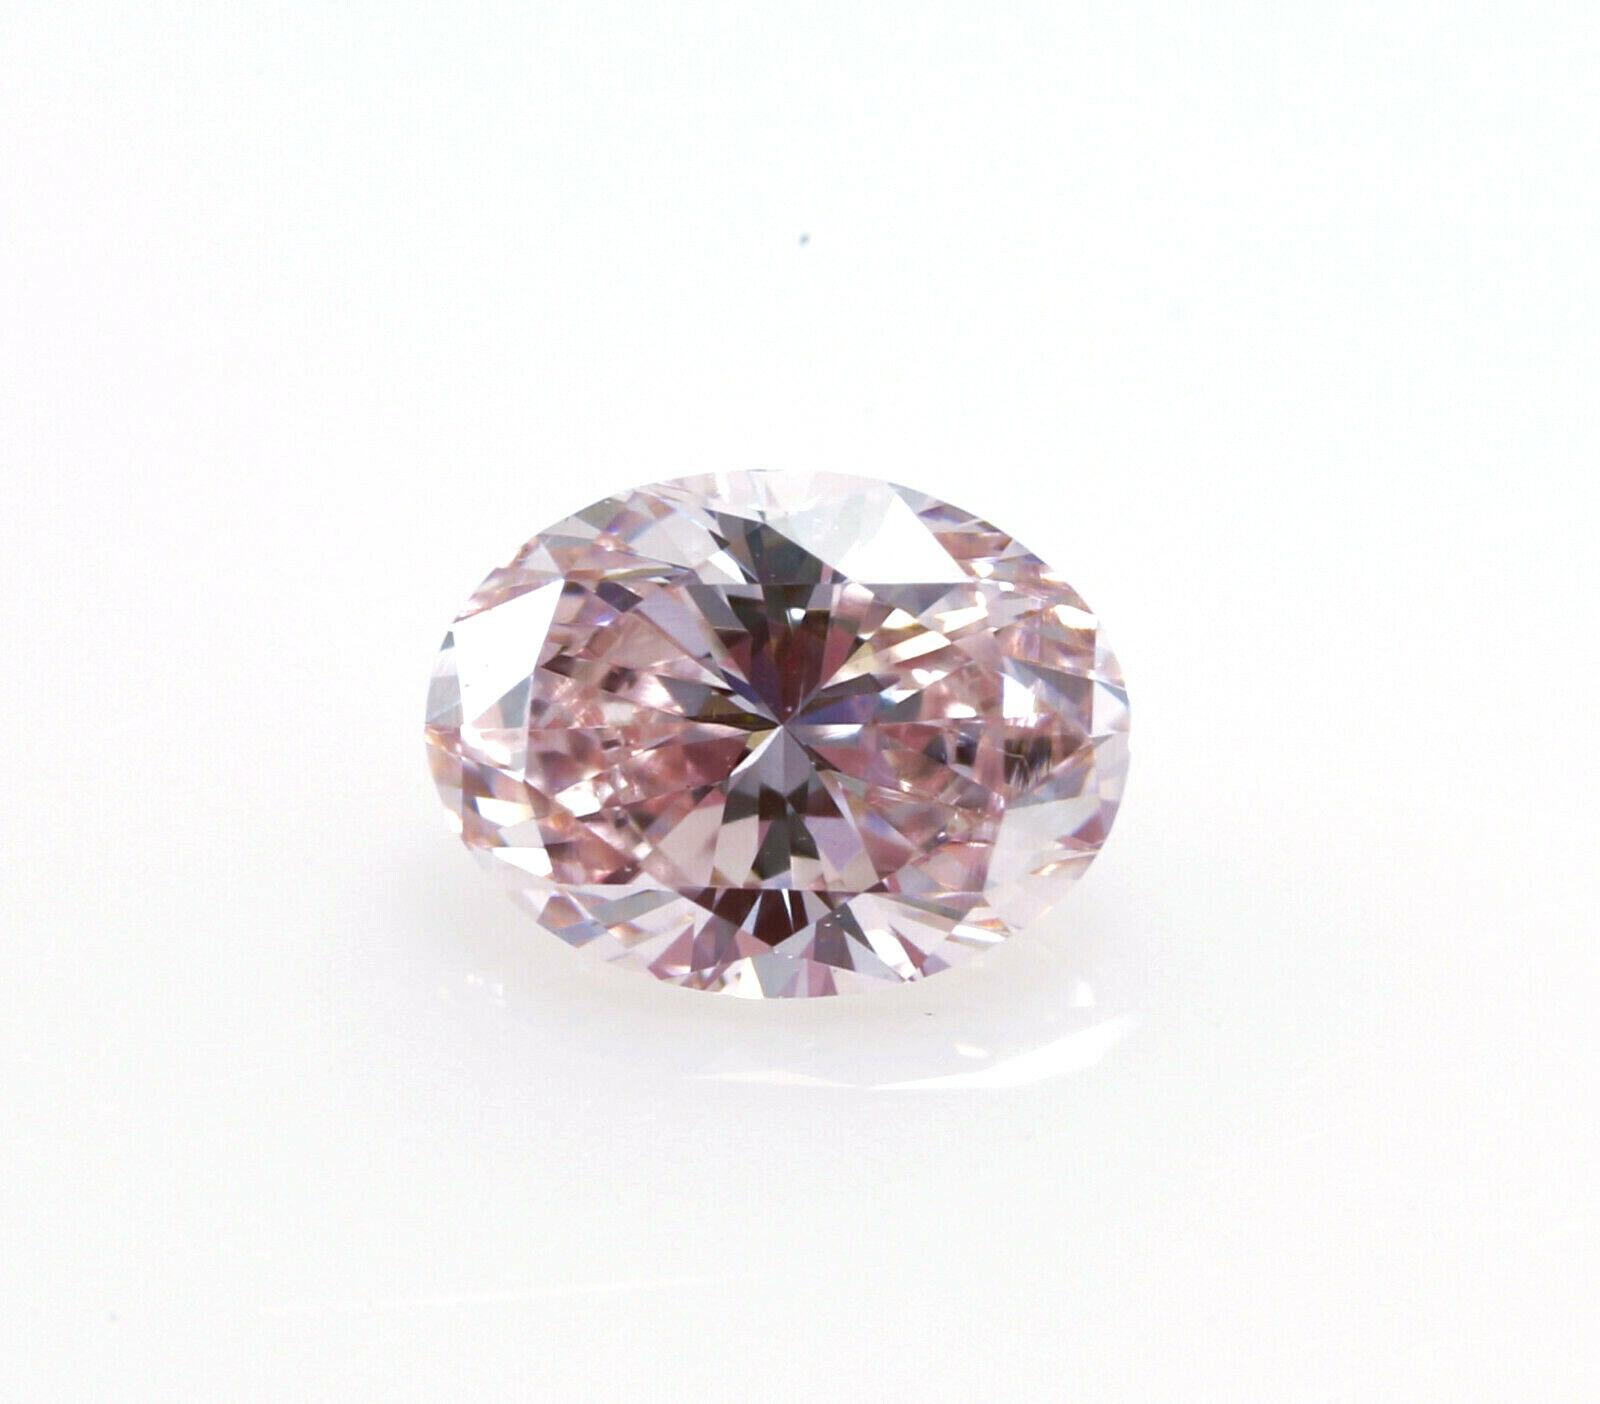 Natural Pink Diamond AIG Certified 0.16 carat pink diamond